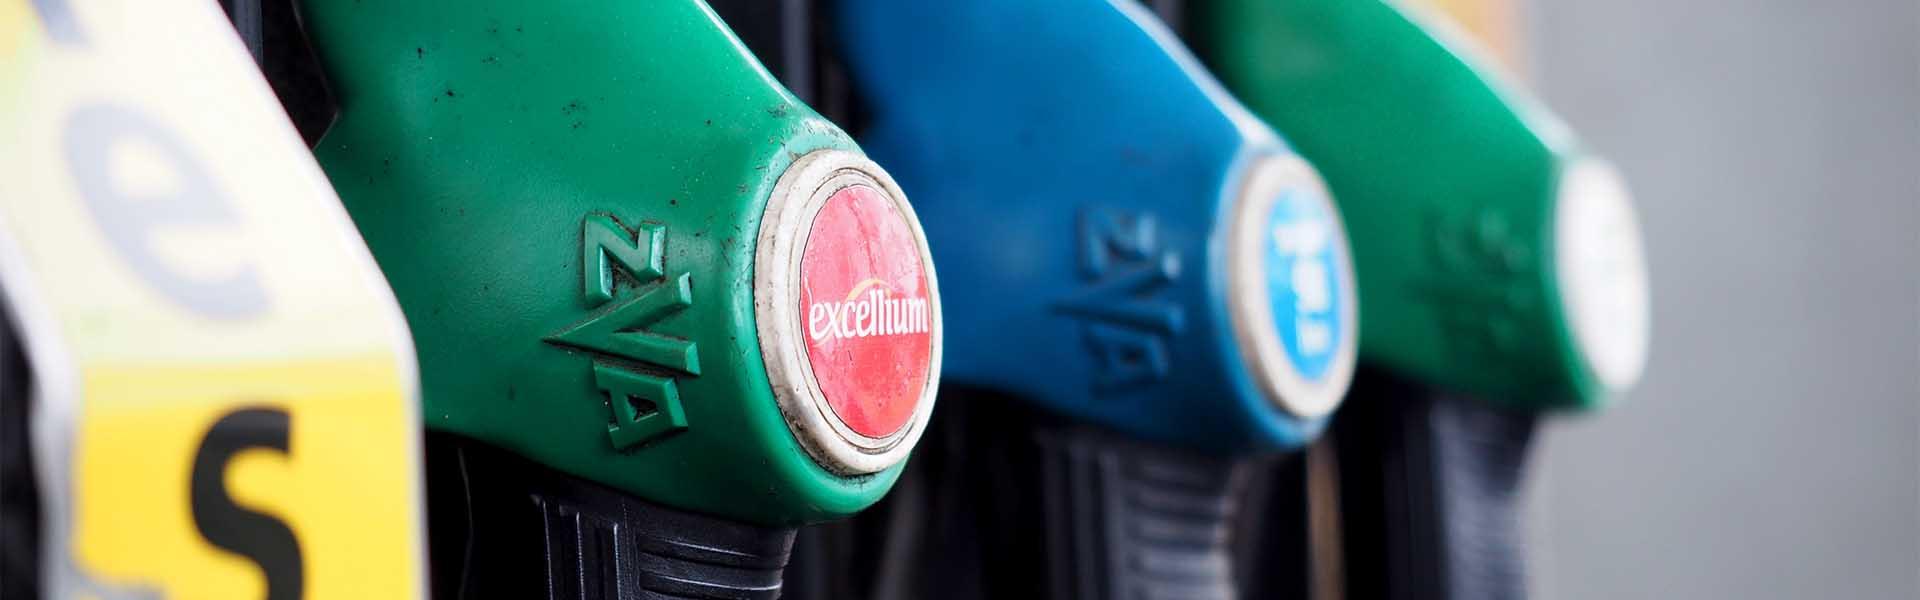 Benzine, LPG en diesel